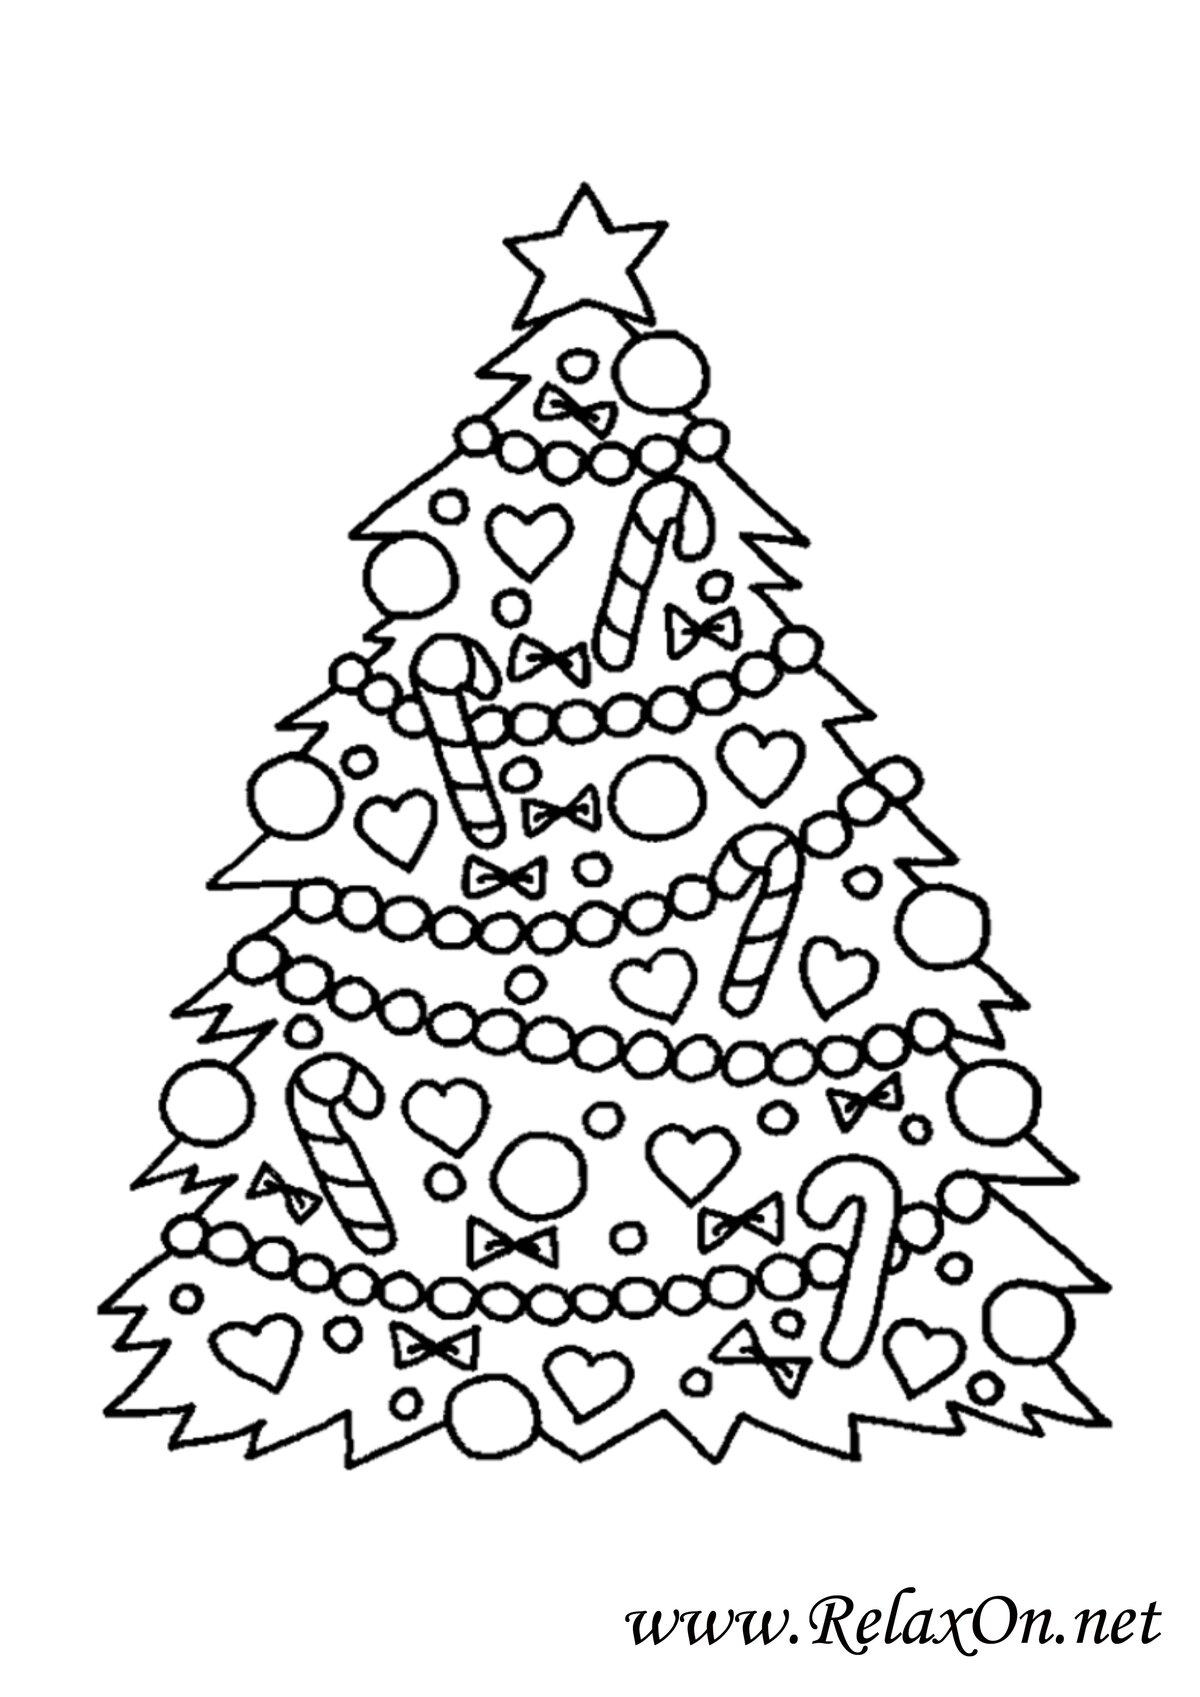 Картинка новогодняя елка раскрасить